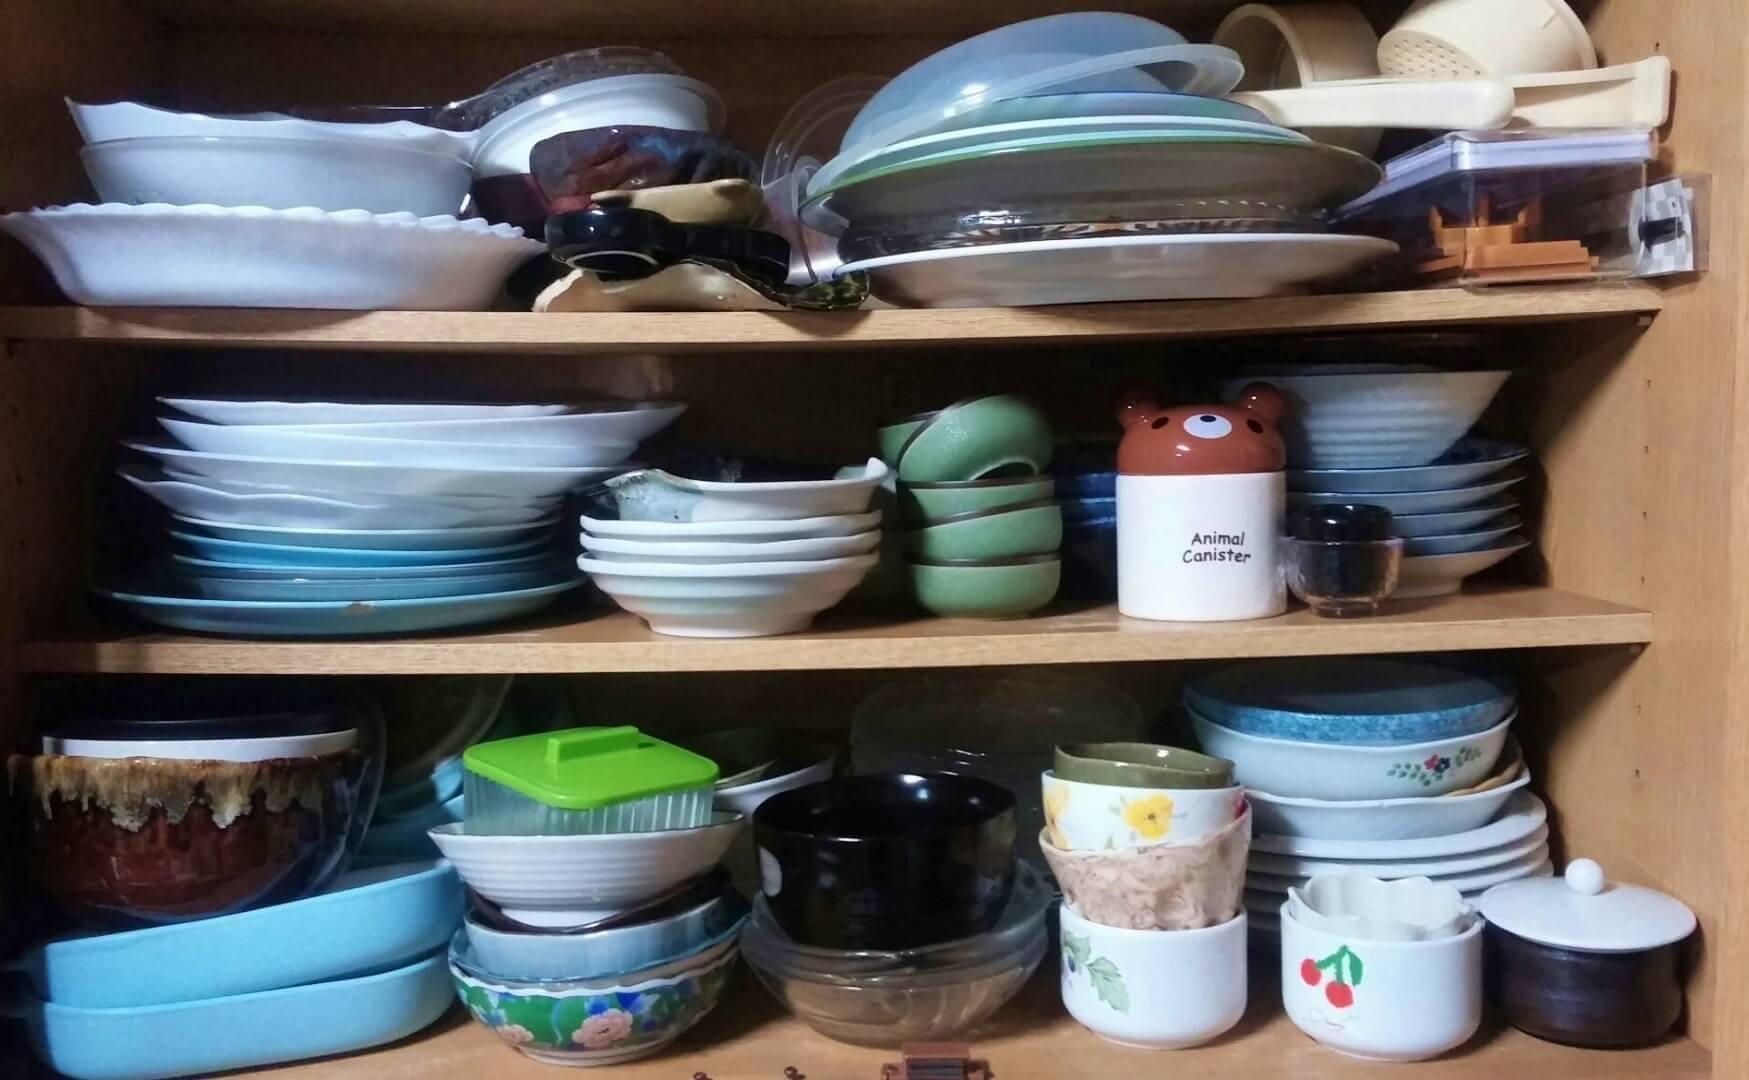 食器棚に詰め込まれた食器の画像